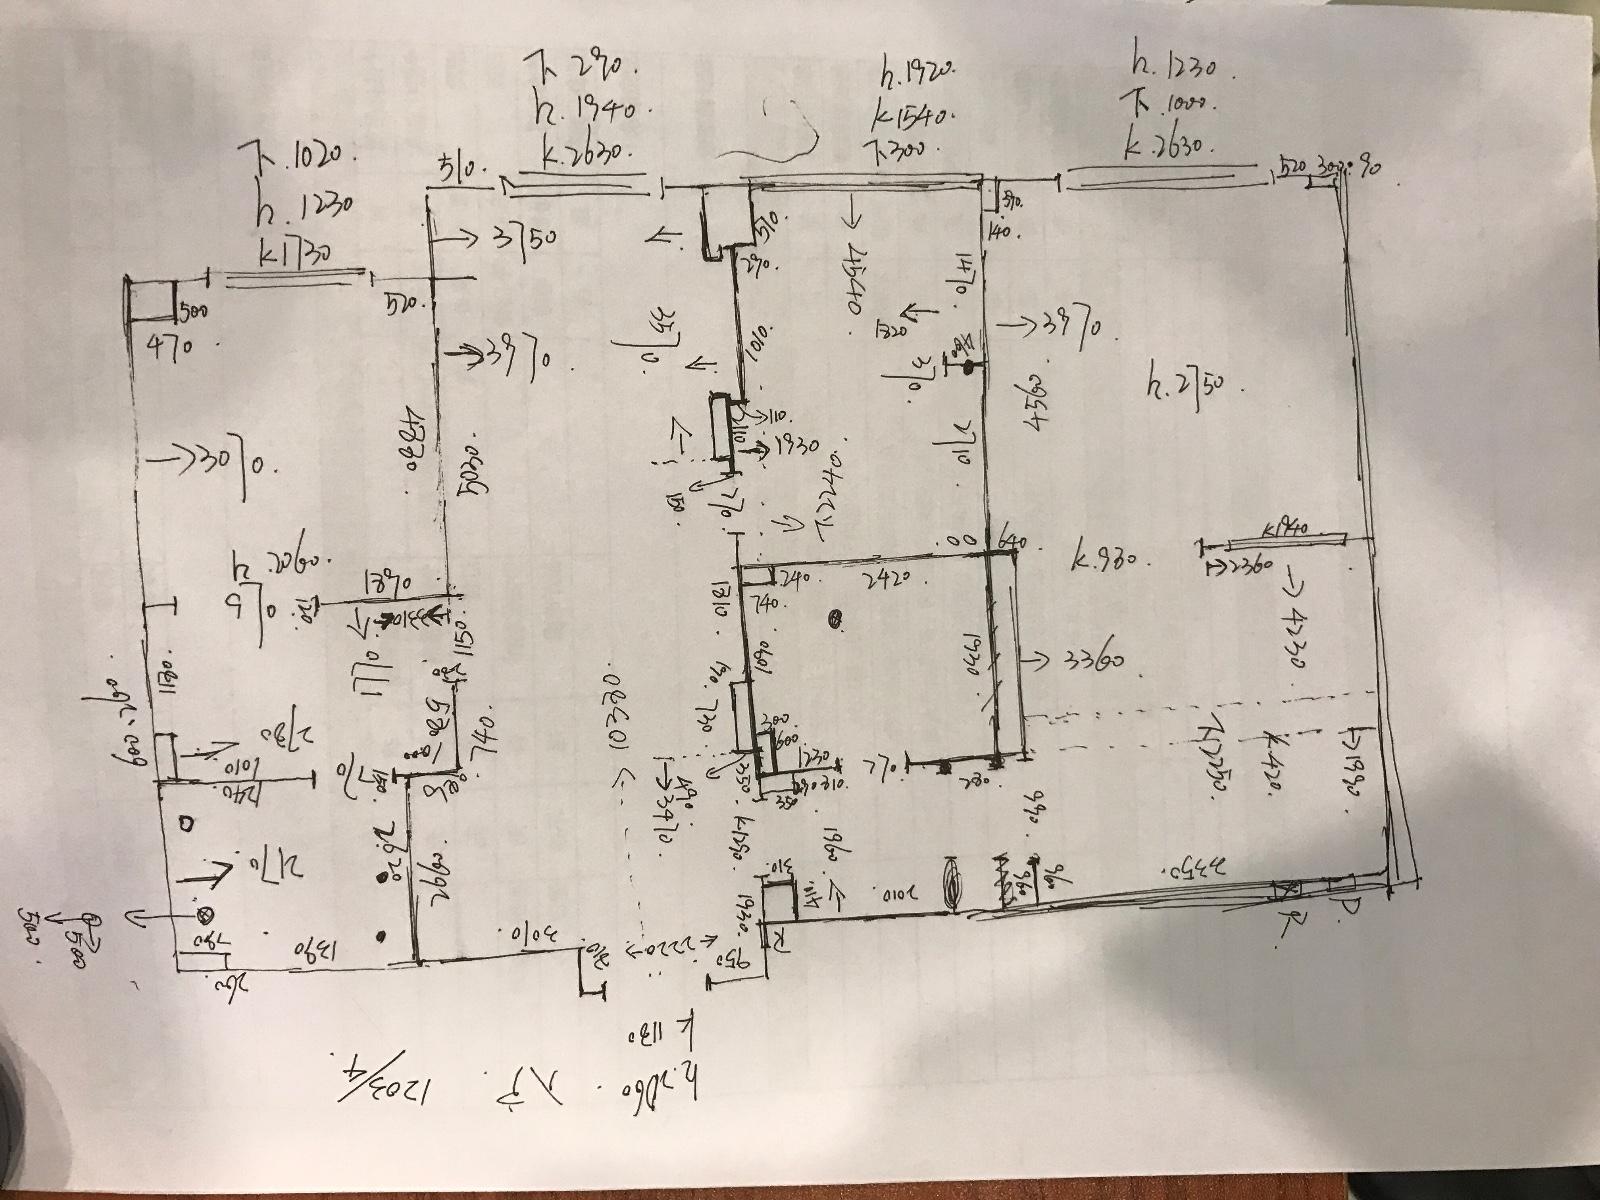 单线手绘量房草图